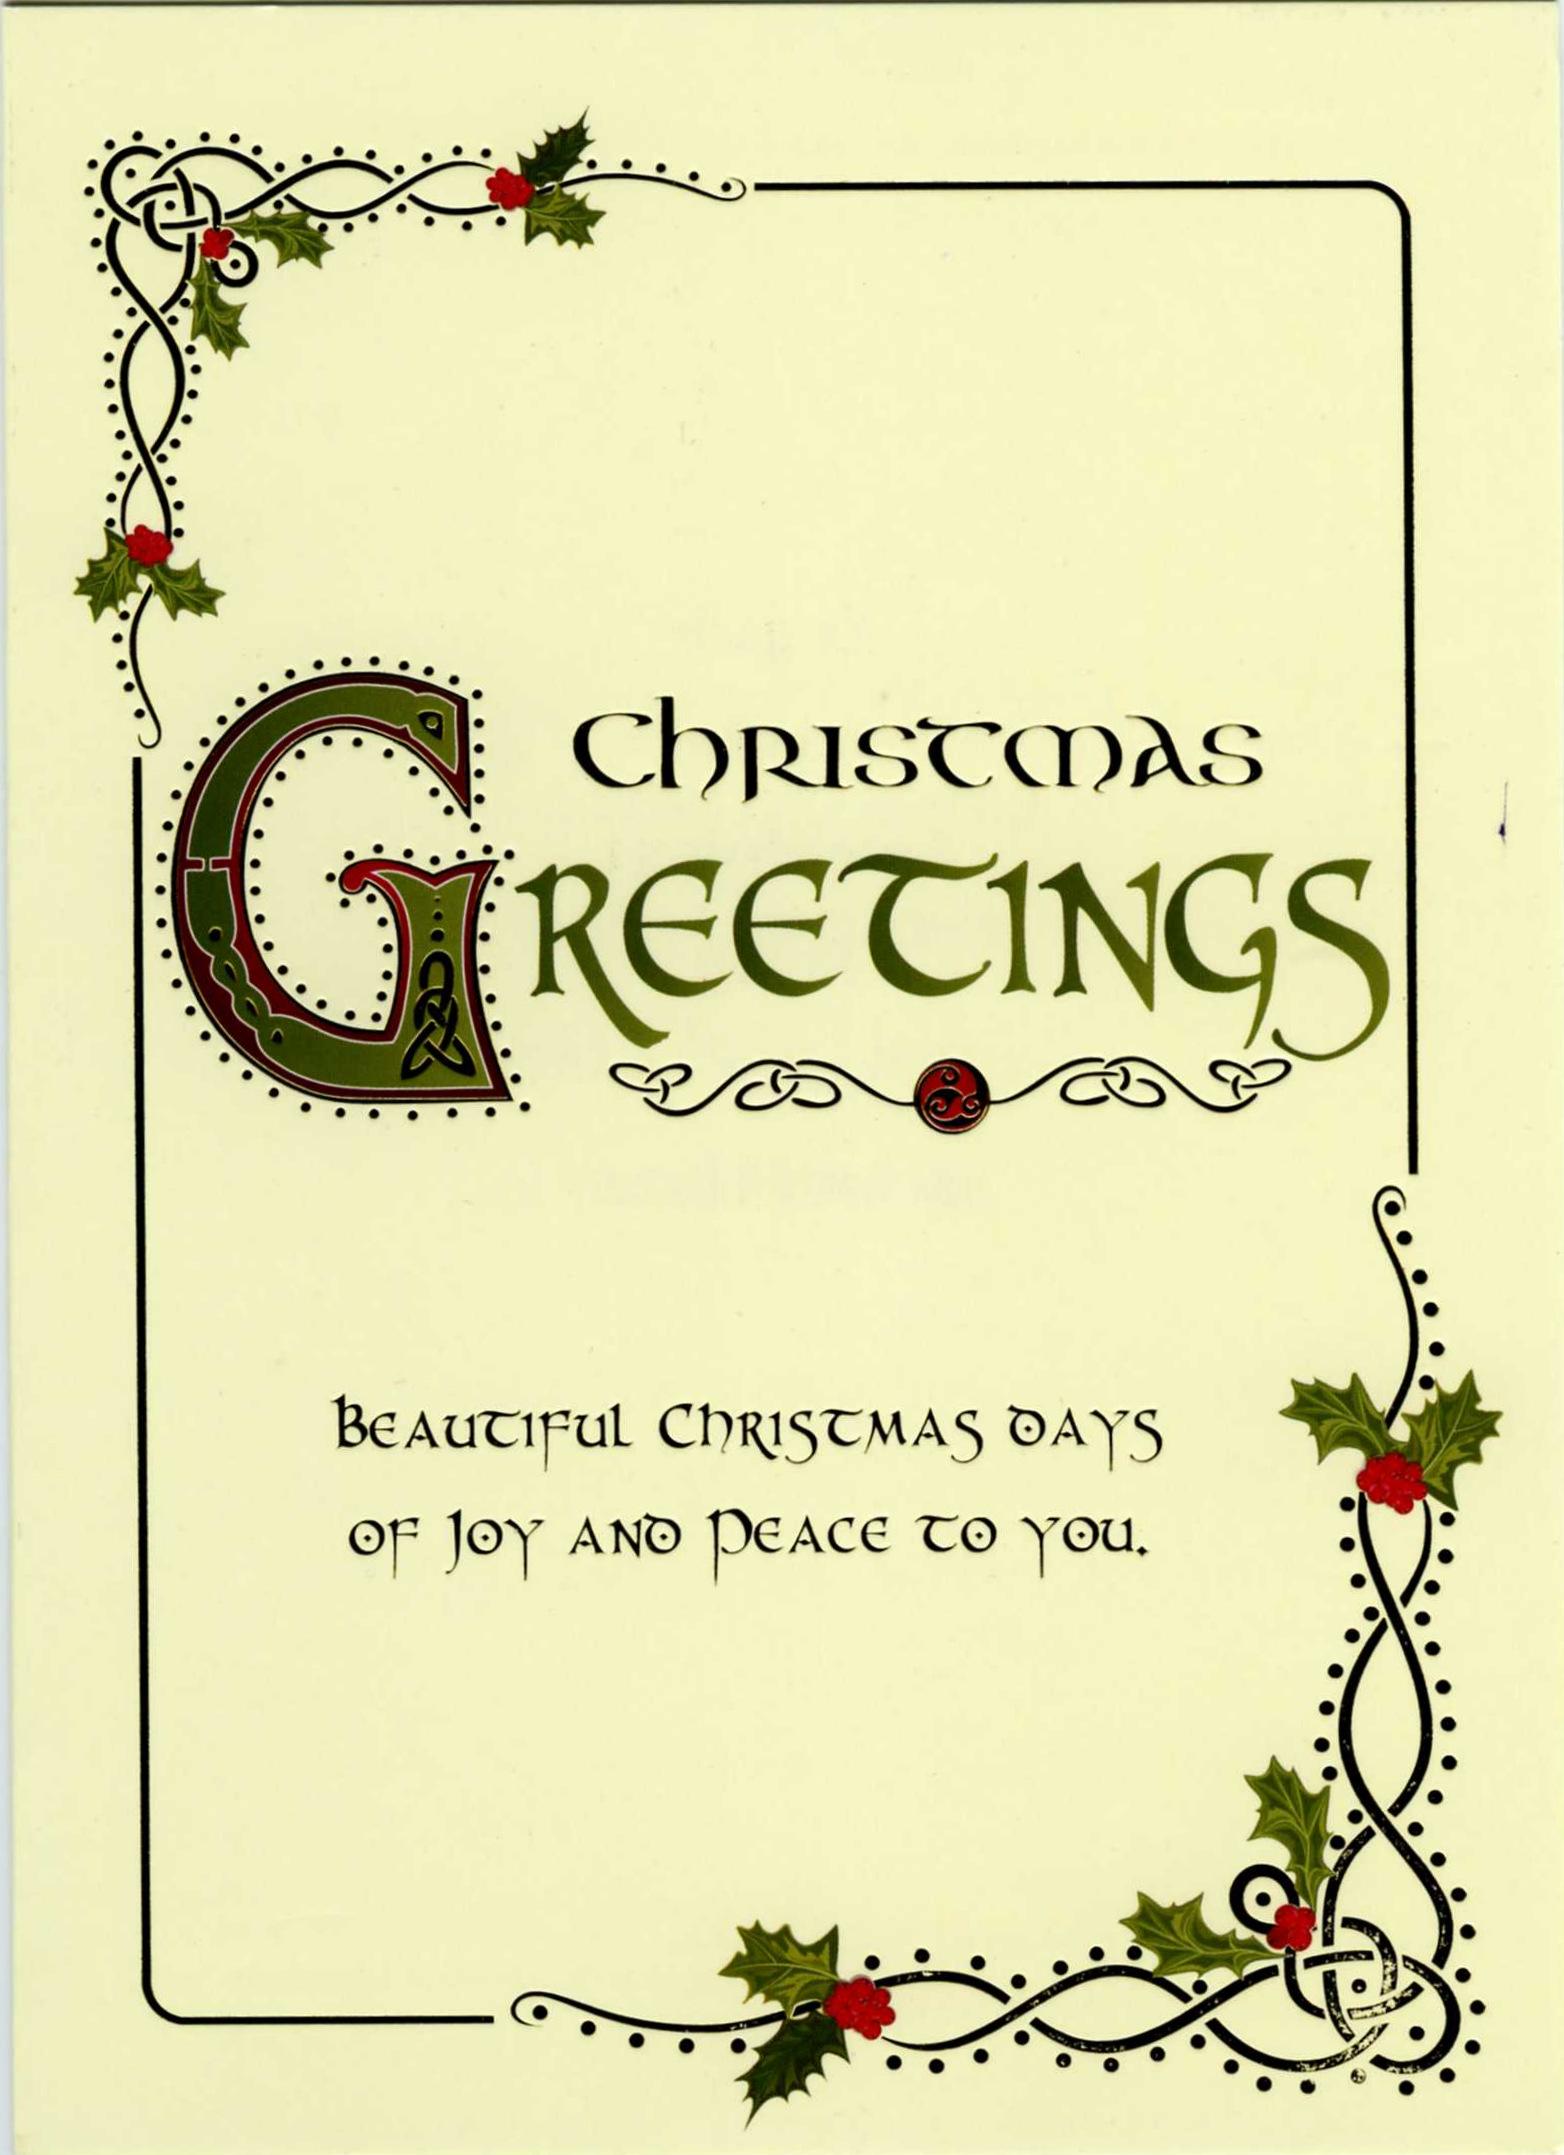 St. Vincent's Christmas Cards now on sale - St. Vincent's ...